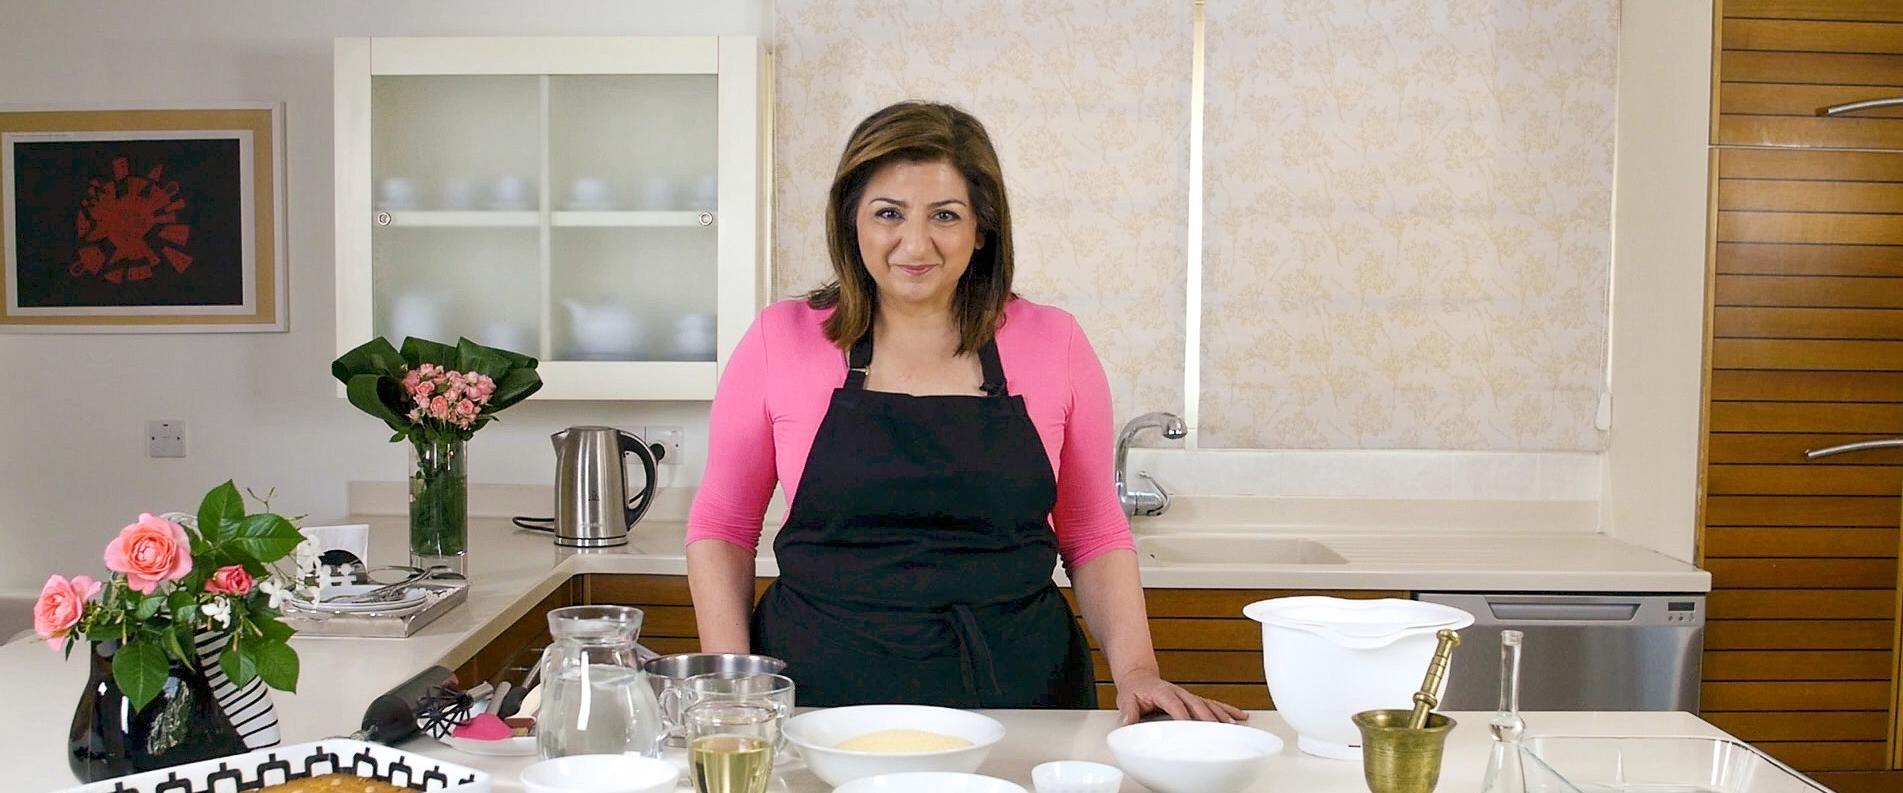 Кипрская кухня с Мариленой: десерт «шамали»